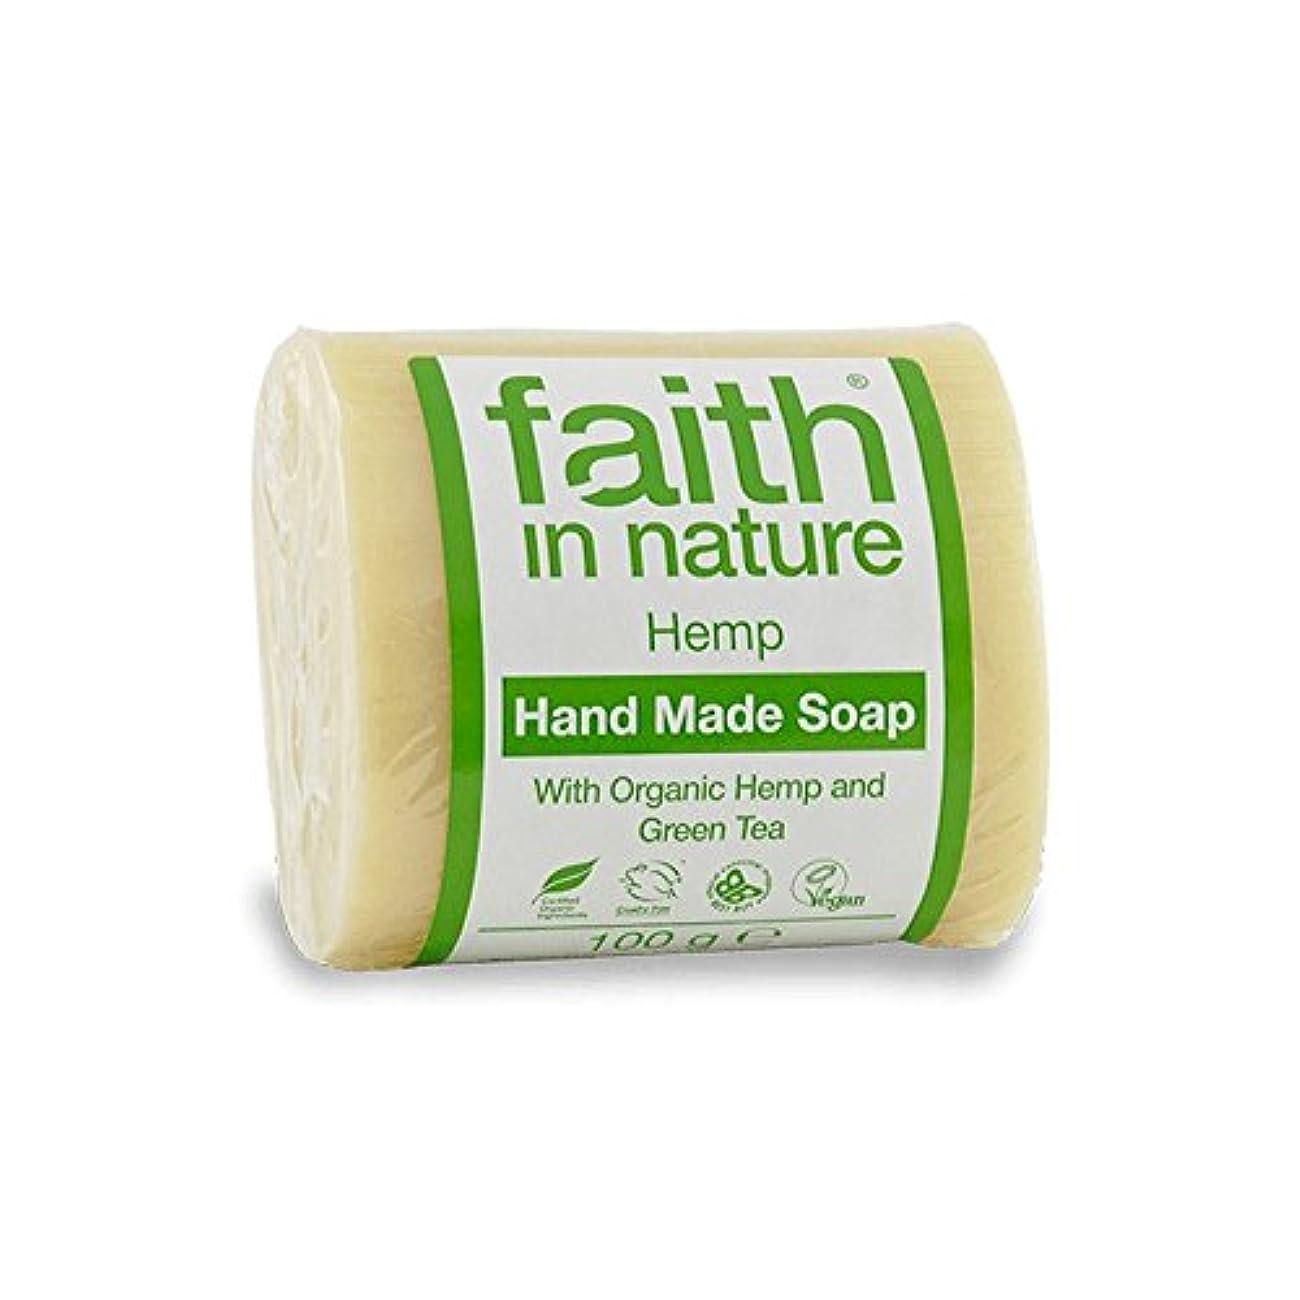 軍団汚れた浴室Faith in Nature Hemp with Green Tea Soap 100g (Pack of 6) - 緑茶石鹸100グラムと自然の麻の信仰 (x6) [並行輸入品]